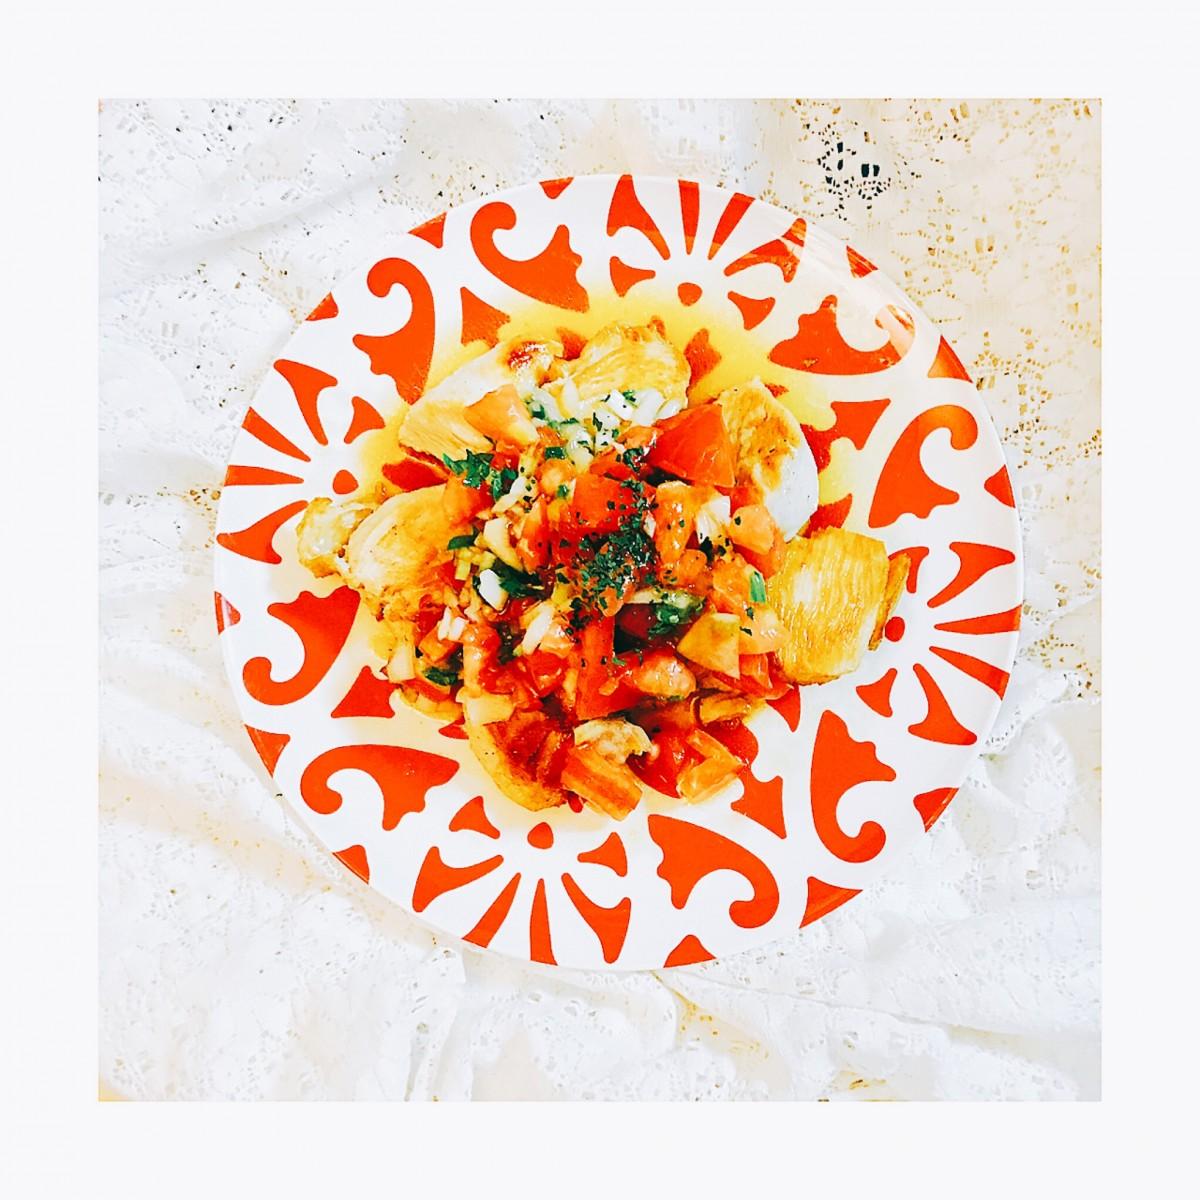 『美白レシピ』  夏バテ・ダイエット・アンチエイジングにお肉と野菜で食べごたえたっぷり!身体の中から美白ケア。